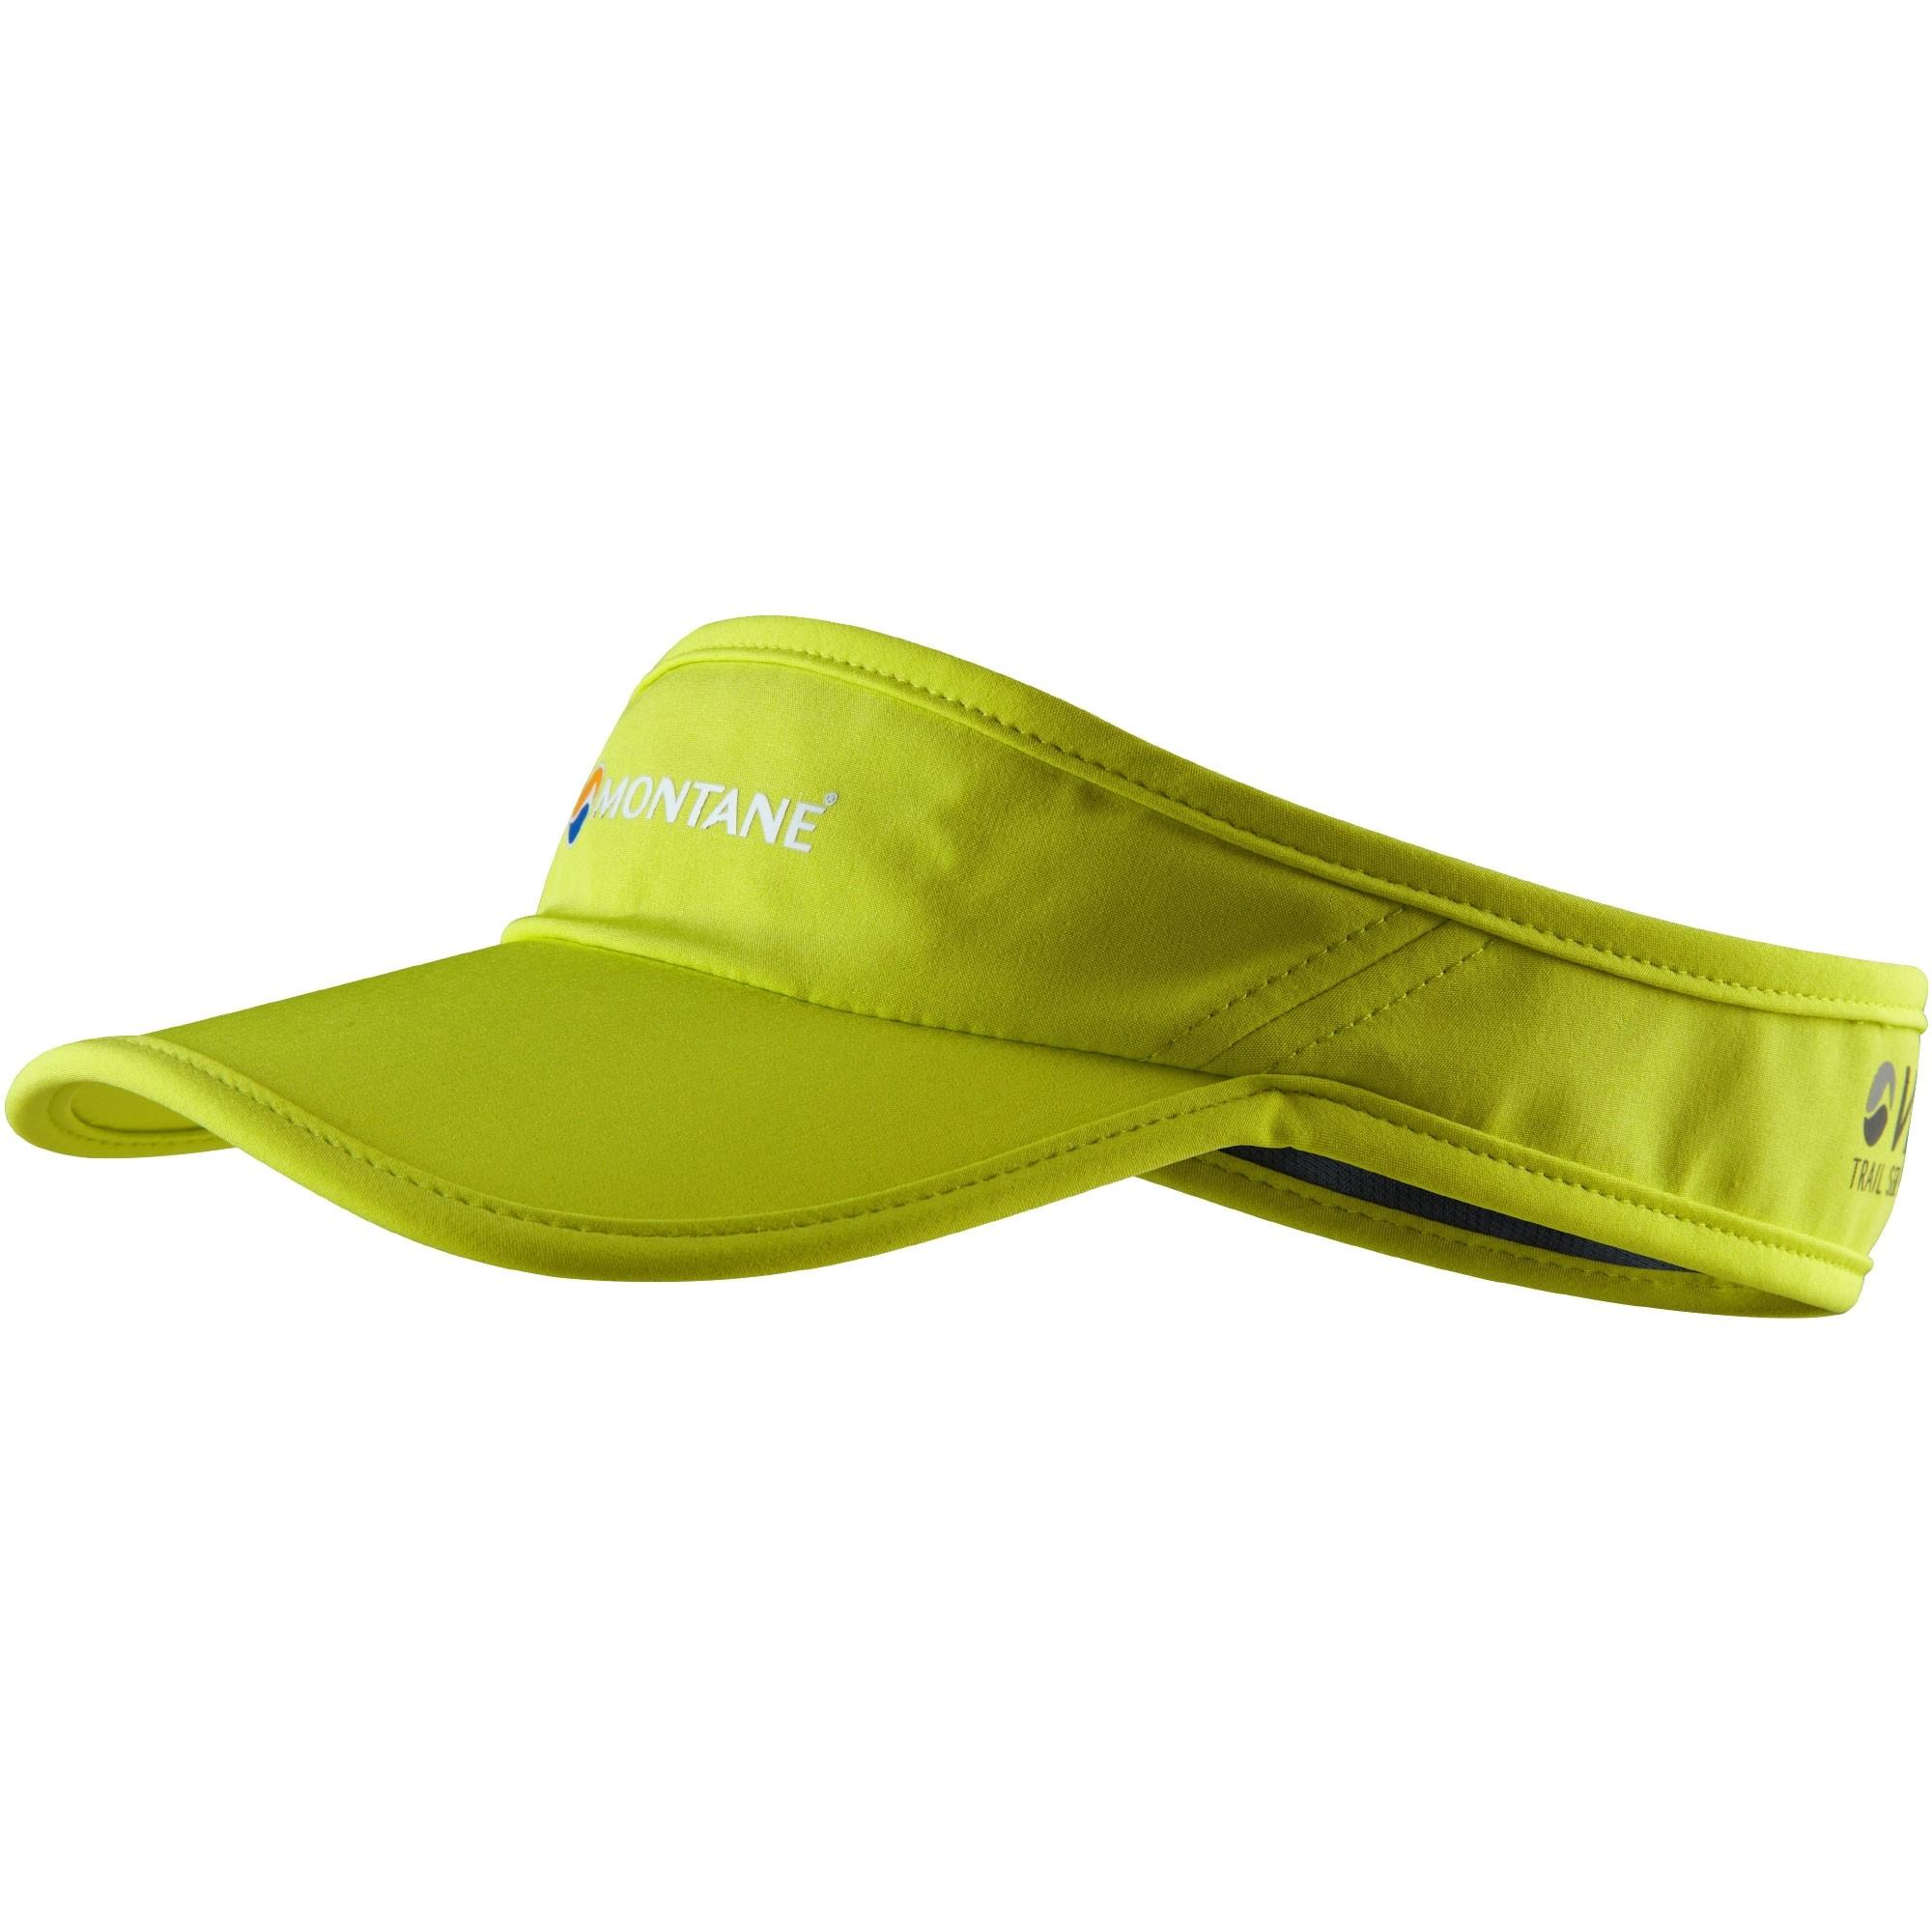 Montane VIA Visor - Laser Green